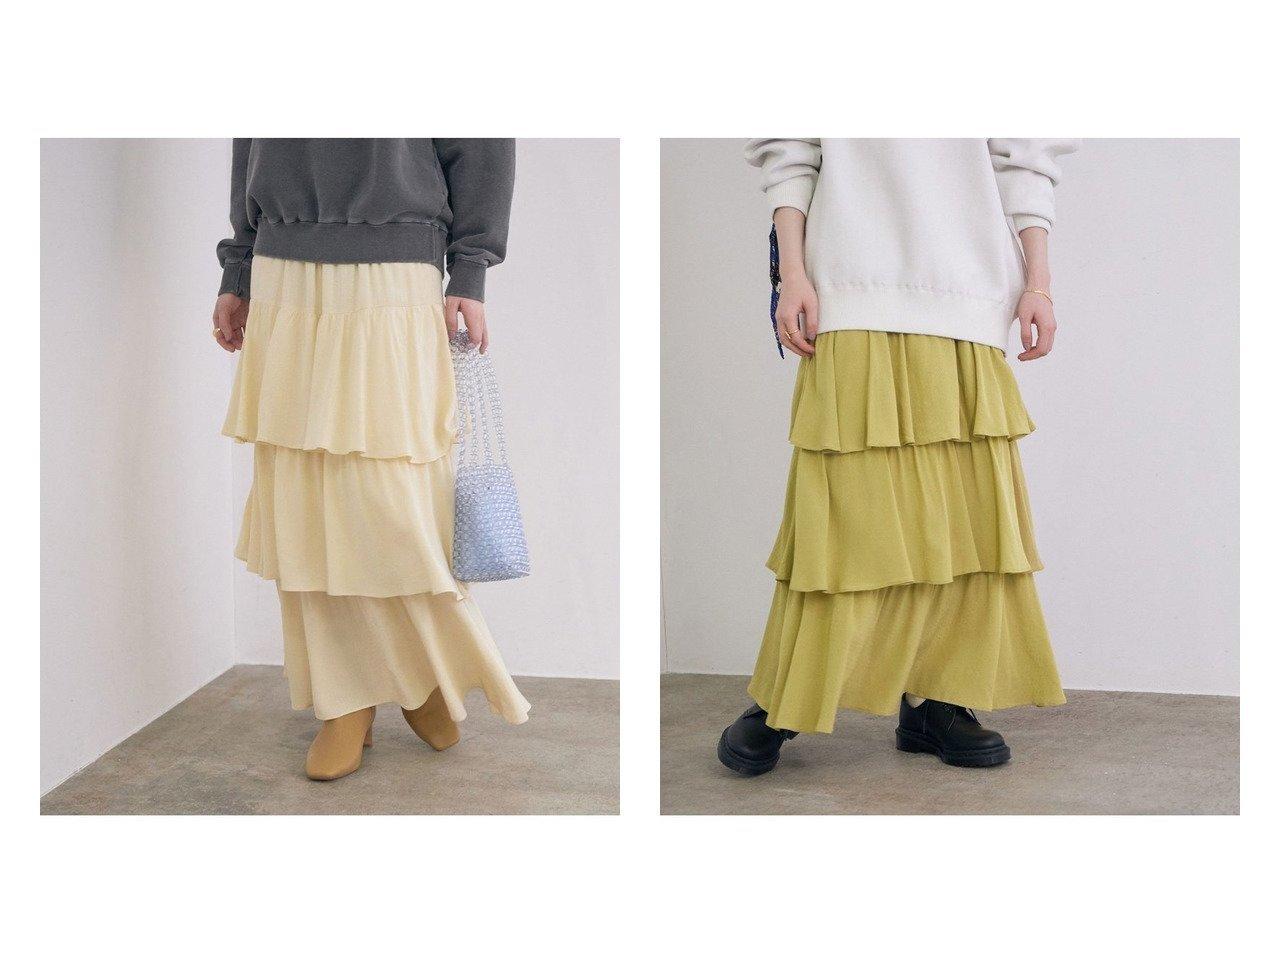 【ROPE' mademoiselle/ロペ マドモアゼル】のストレートラインティアードスカート スカートのおすすめ!人気、トレンド・レディースファッションの通販 おすすめで人気の流行・トレンド、ファッションの通販商品 メンズファッション・キッズファッション・インテリア・家具・レディースファッション・服の通販 founy(ファニー) https://founy.com/ ファッション Fashion レディースファッション WOMEN スカート Skirt ティアードスカート Tiered Skirts NEW・新作・新着・新入荷 New Arrivals ティアードスカート ドット ポケット 無地 |ID:crp329100000014434